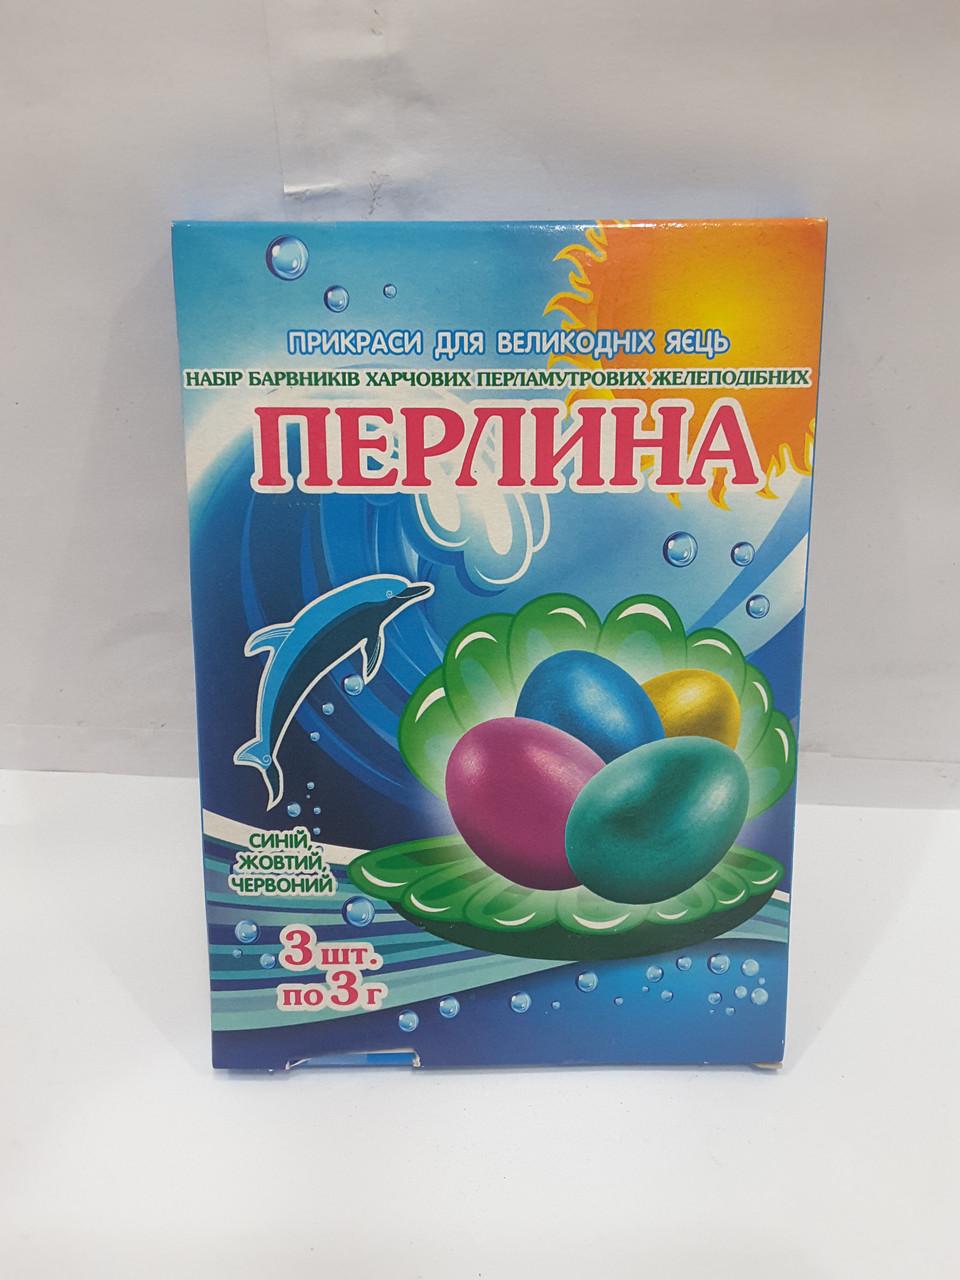 Набор красителей пищевых перламутровых желеобразных для пасхальных яиц Перлина